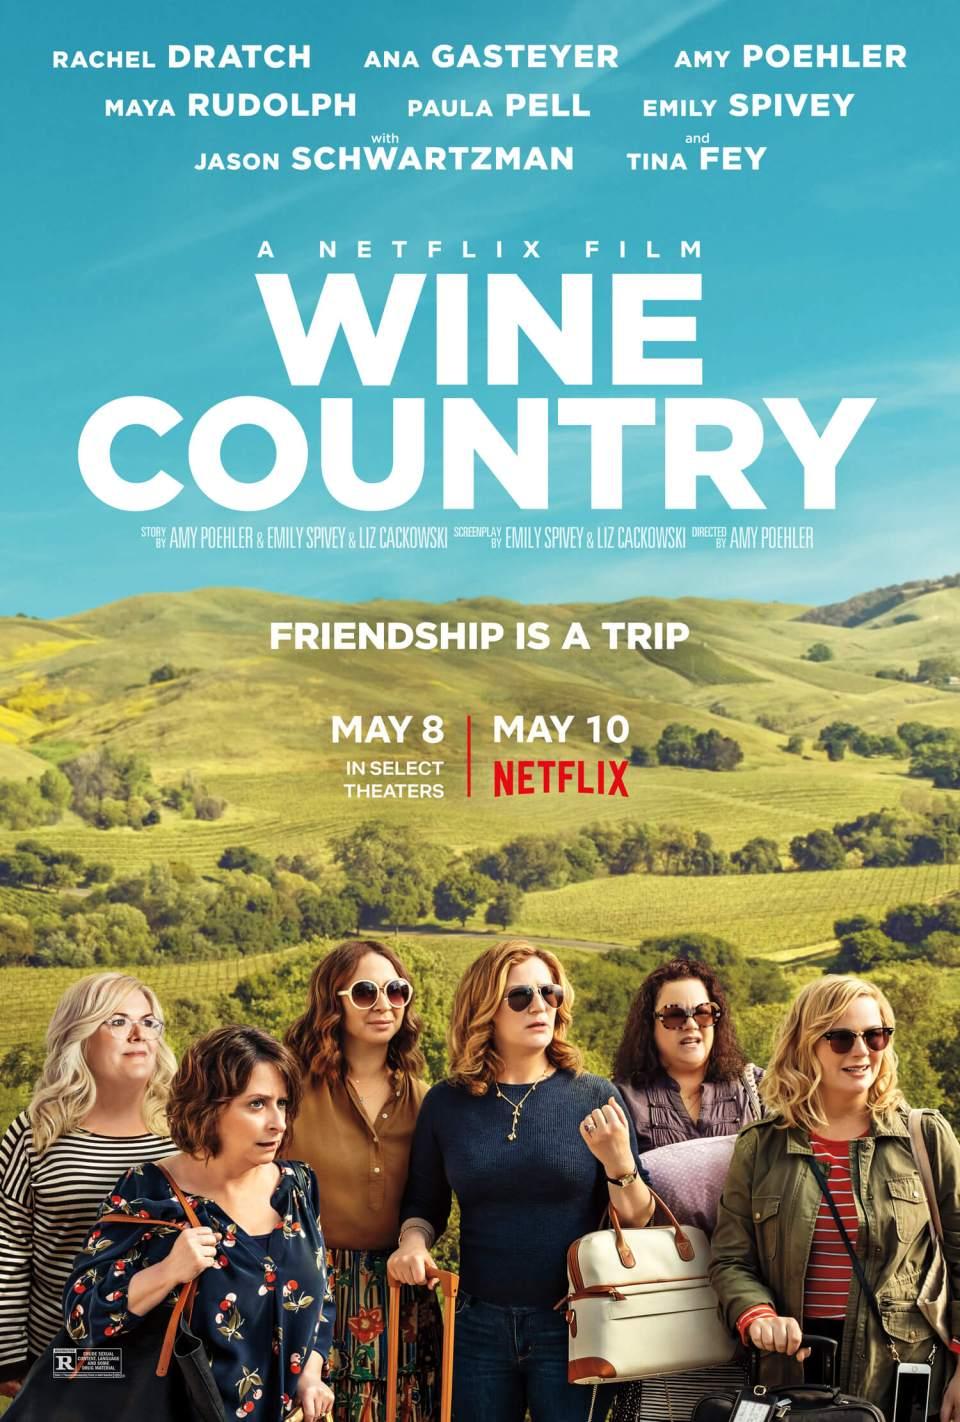 Wine Country - det høres ut som en film om vin, men kvinner og vennskap er mer hovedtema, dog lyst på vin får du nok. Dette er filmen for deg som liker en blanding av drama og komedie, og en happy ending. Her får du mer om filmen og noen forslag til amerikanske viner.